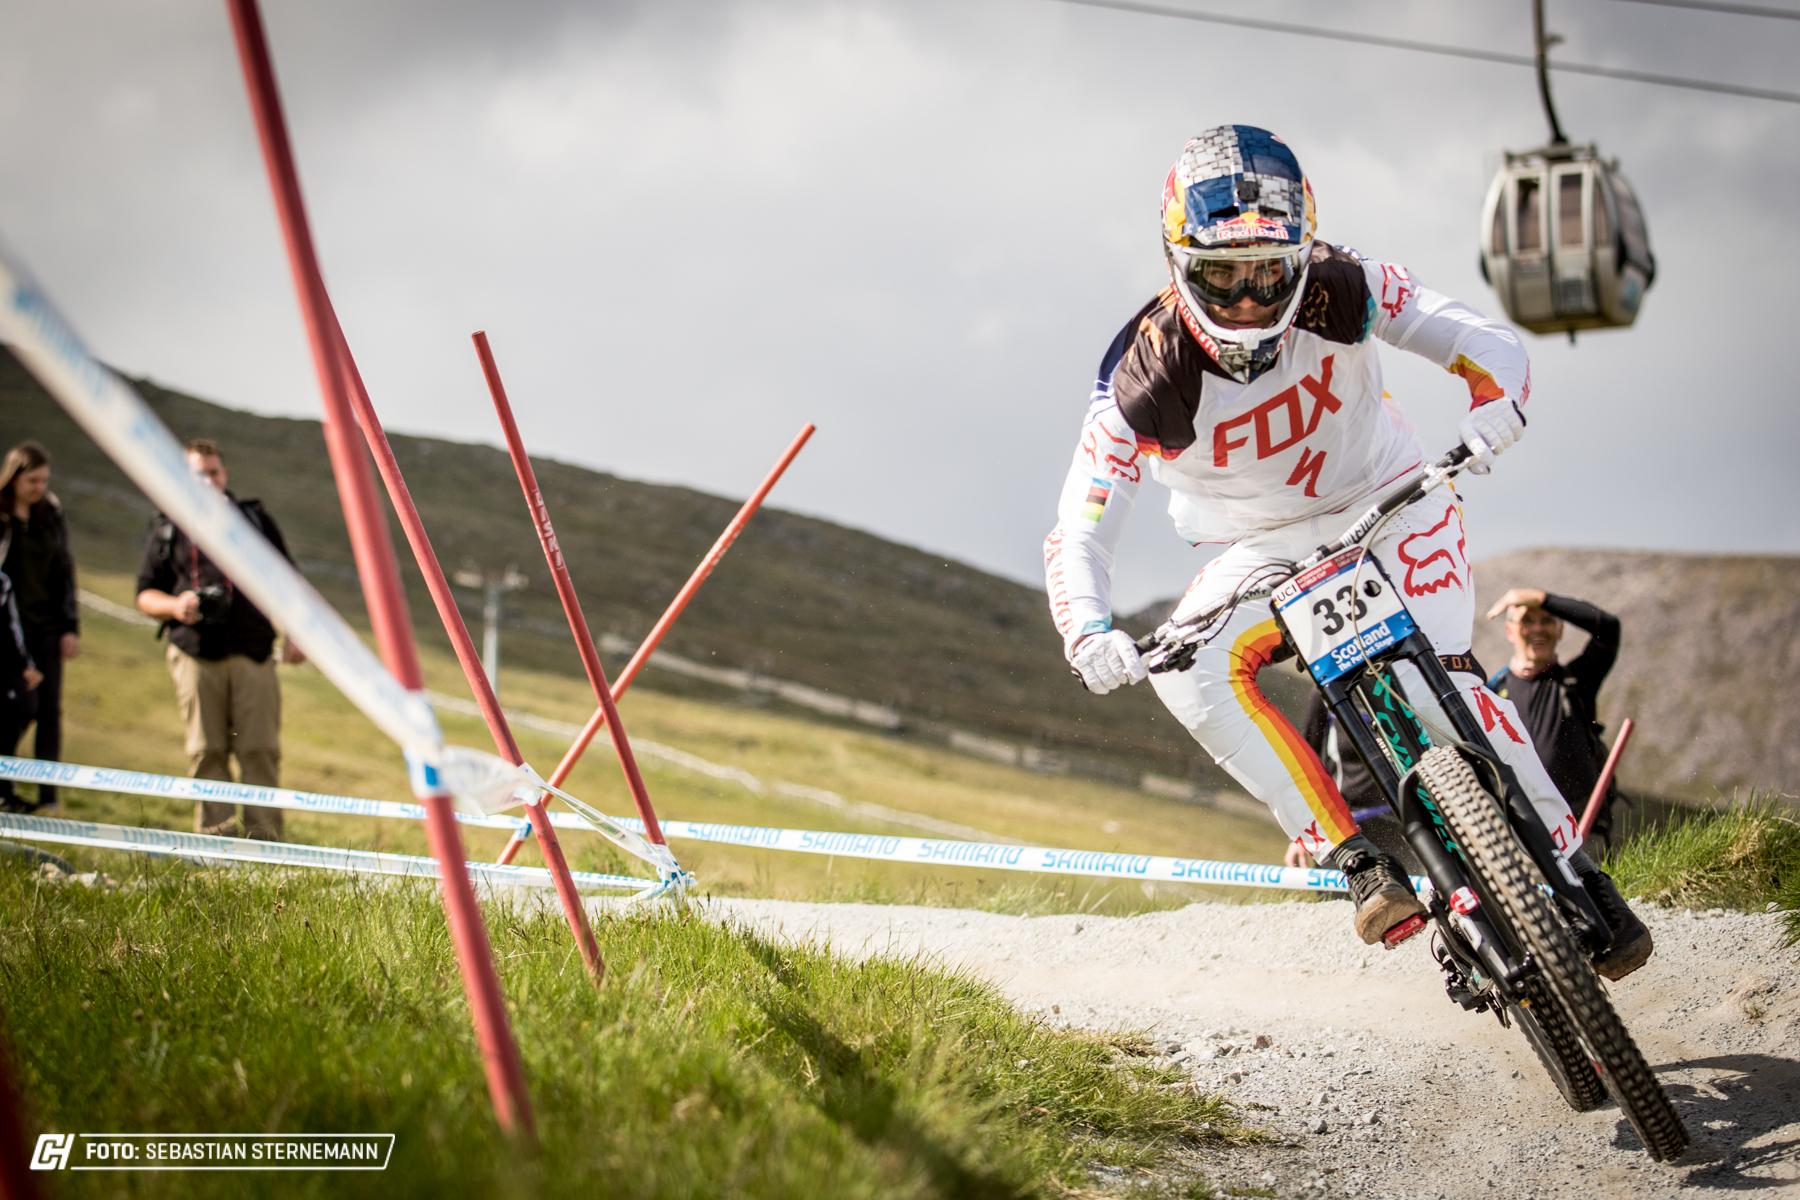 Loic Bruni hatte kein direktes Pech, aber mit den Bedingungen der Strecke zu kämpfen.